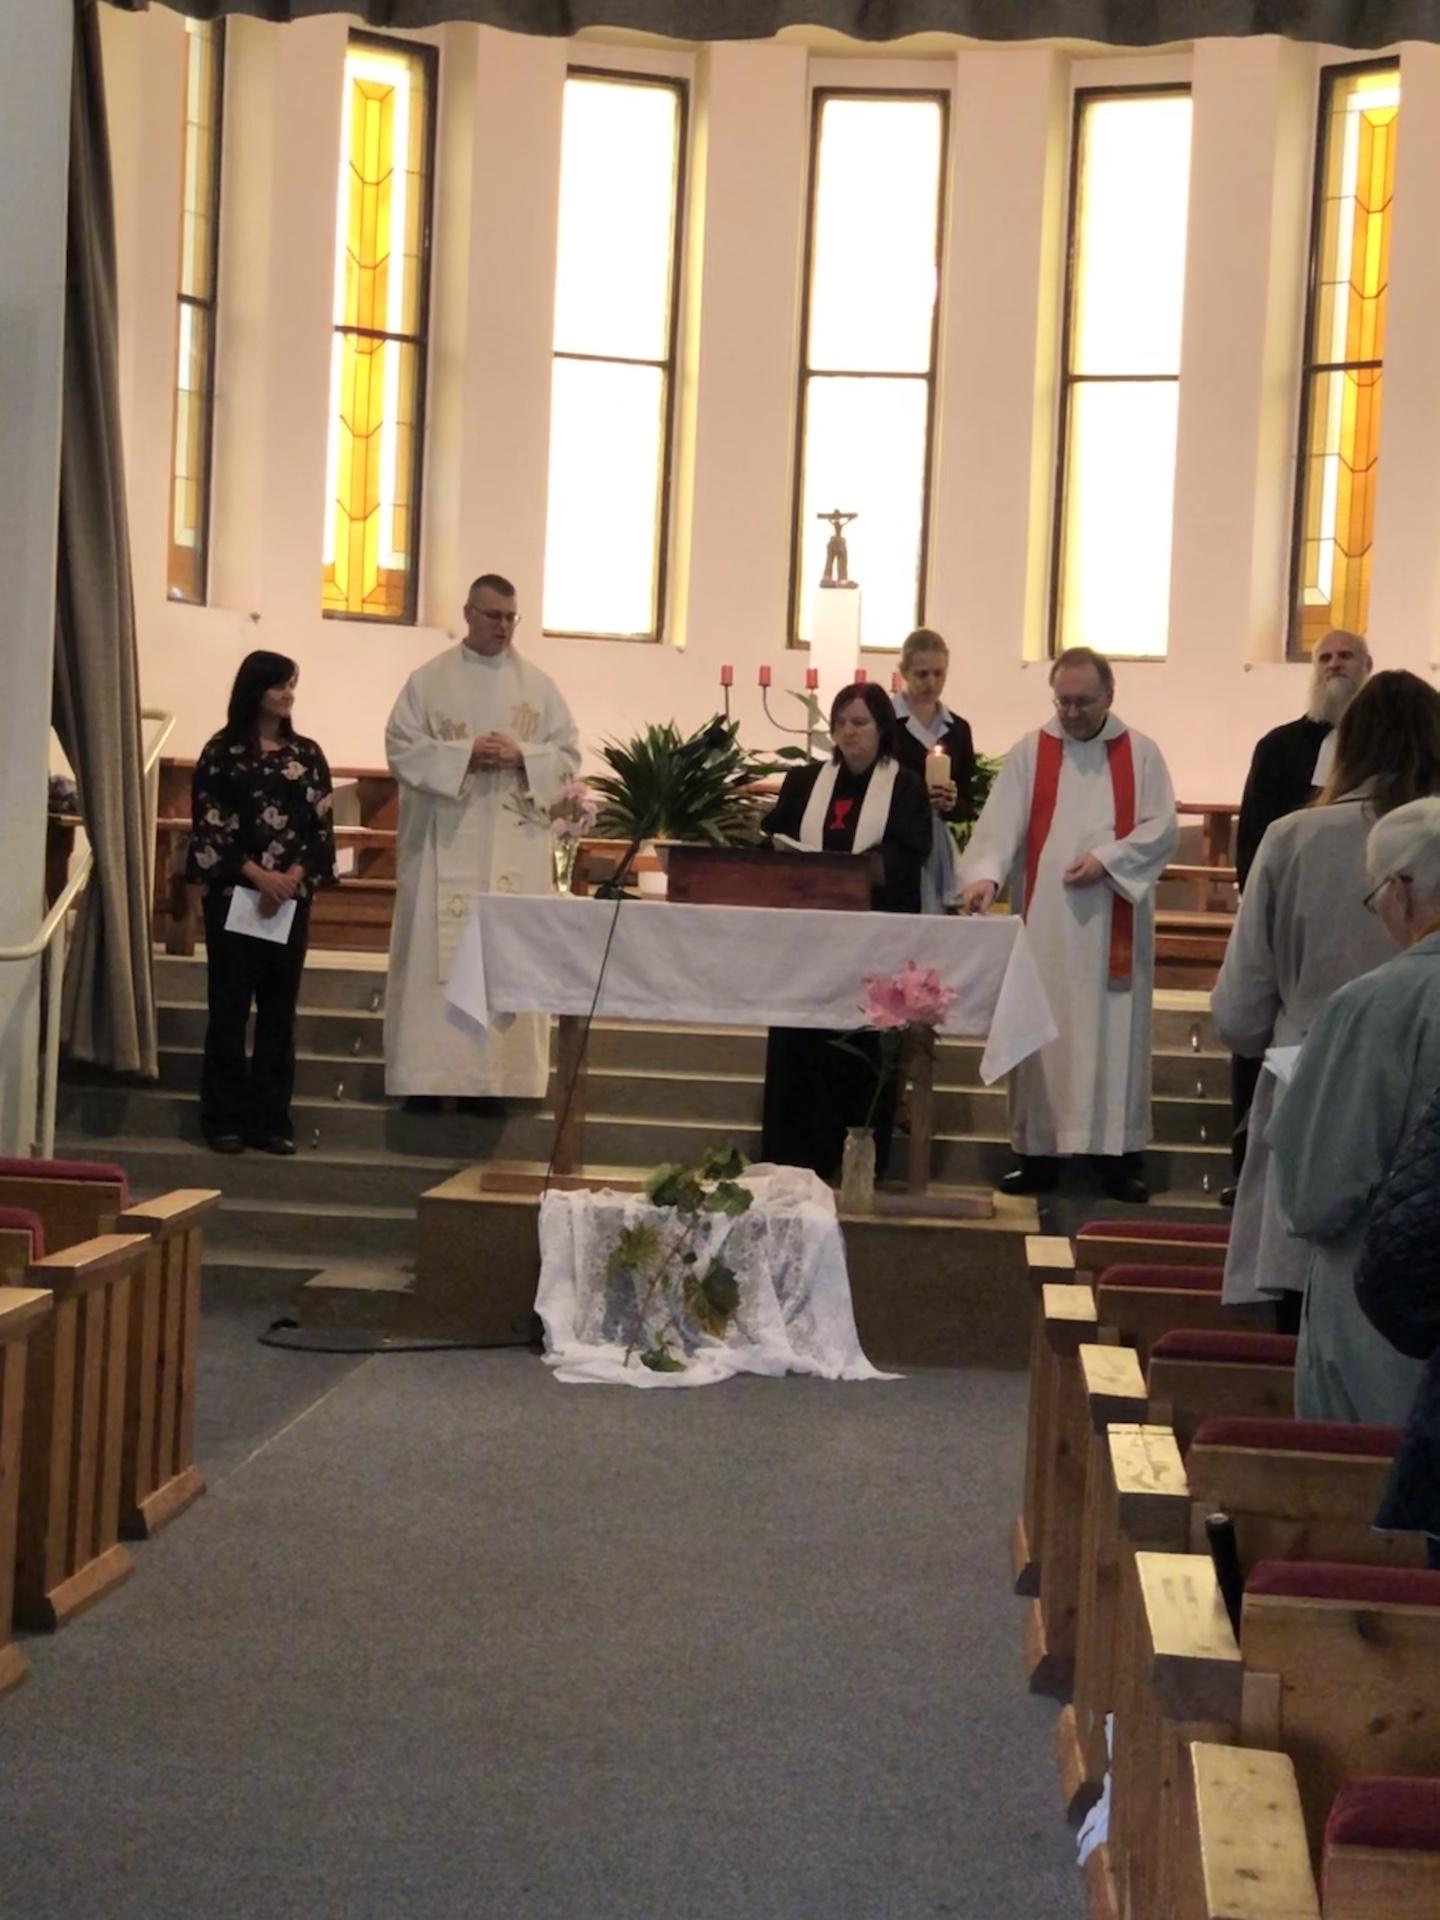 Úvod bohoslužby